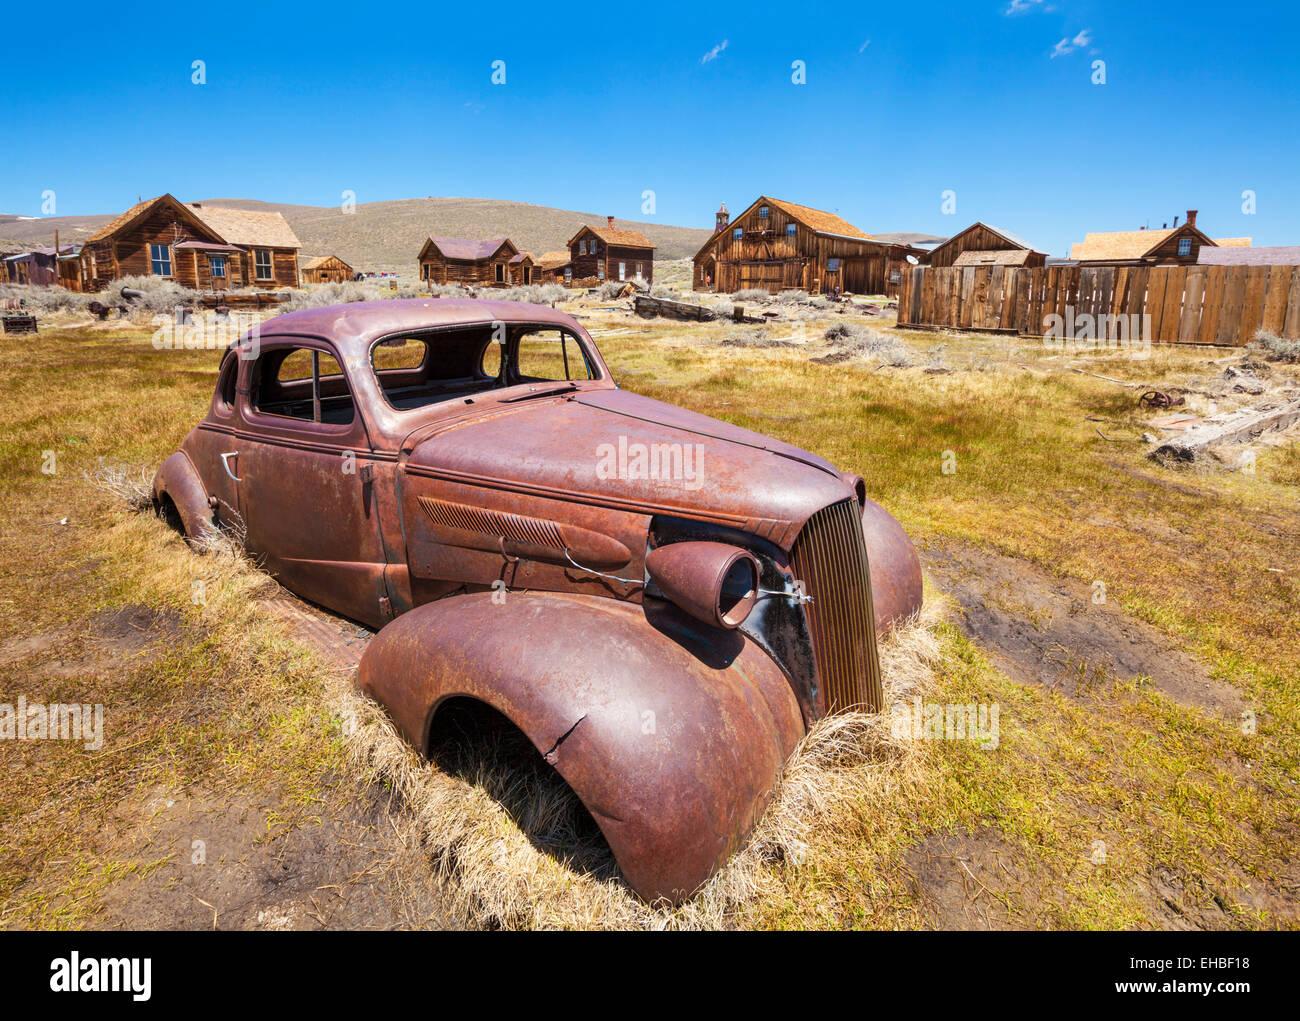 Rostenden Autos in Bodie Geisterstadt Bodie State Historic Park California USA Vereinigte Staaten von Amerika Stockbild